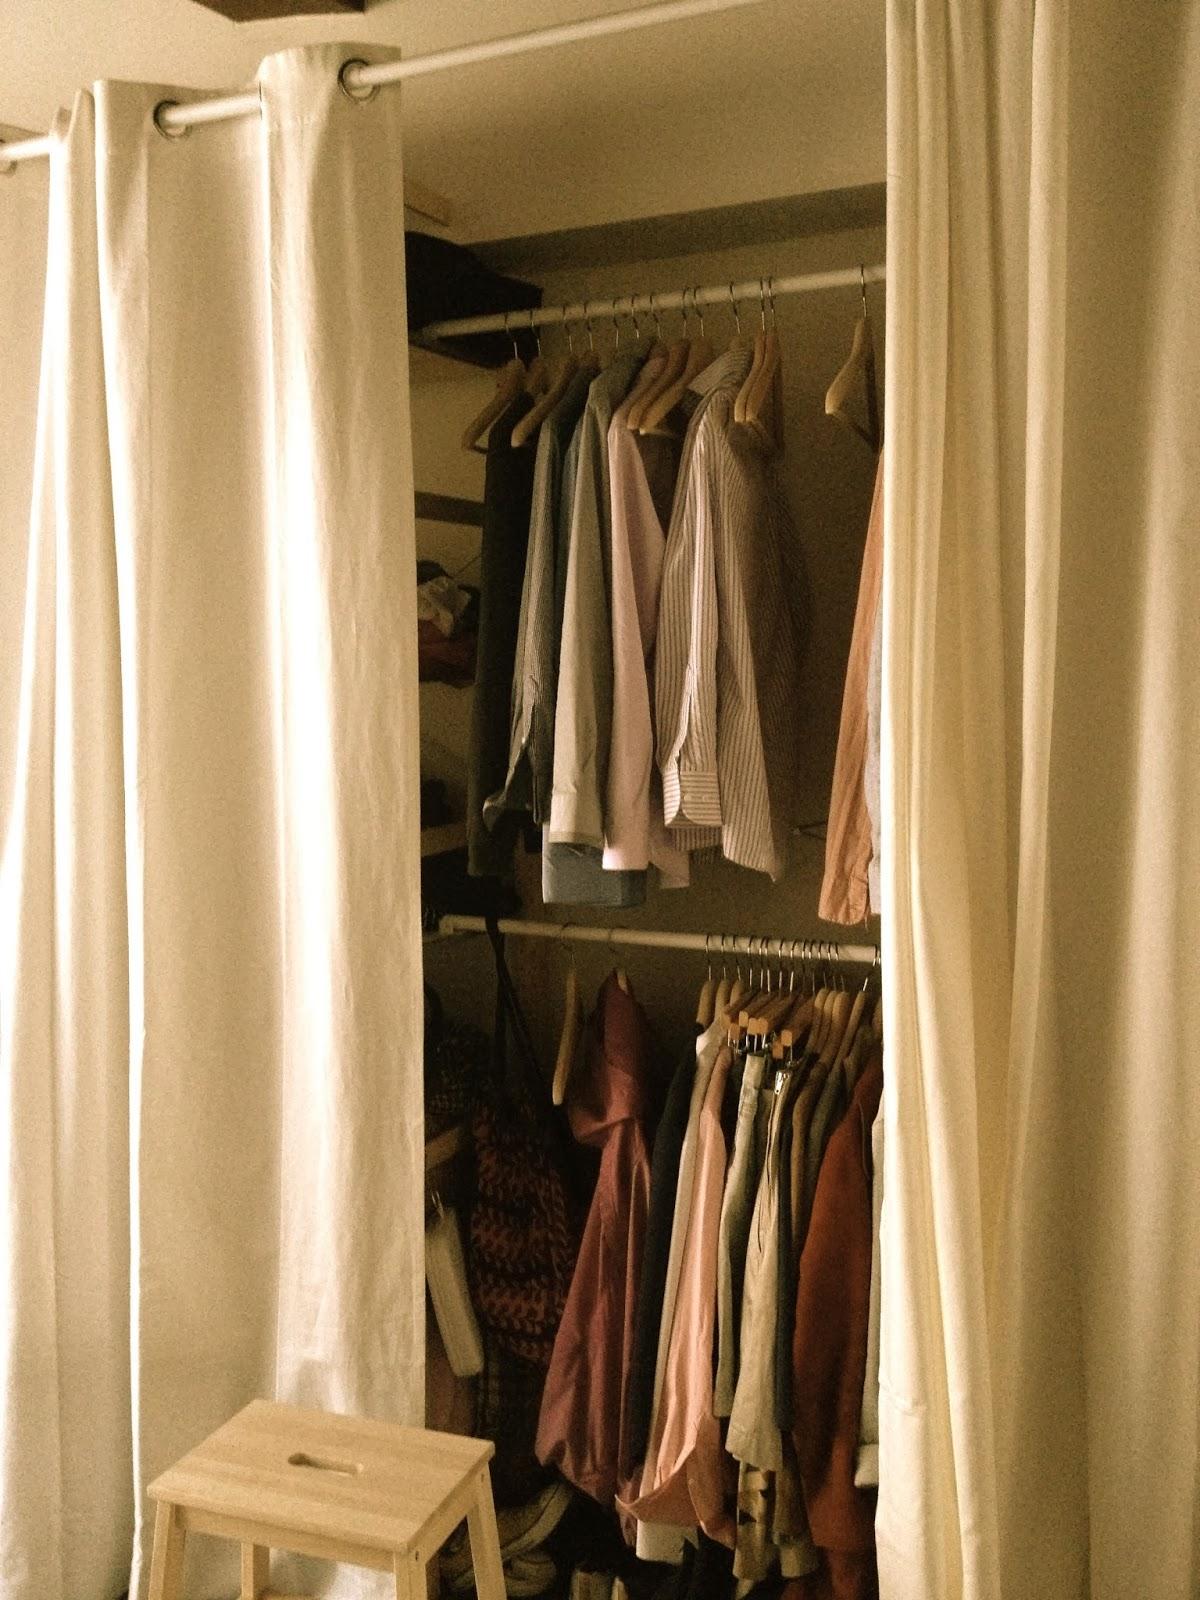 Ameli IKEA : IMG4673 from ameliheartsikea.blogspot.co.uk size 1200 x 1600 jpeg 334kB